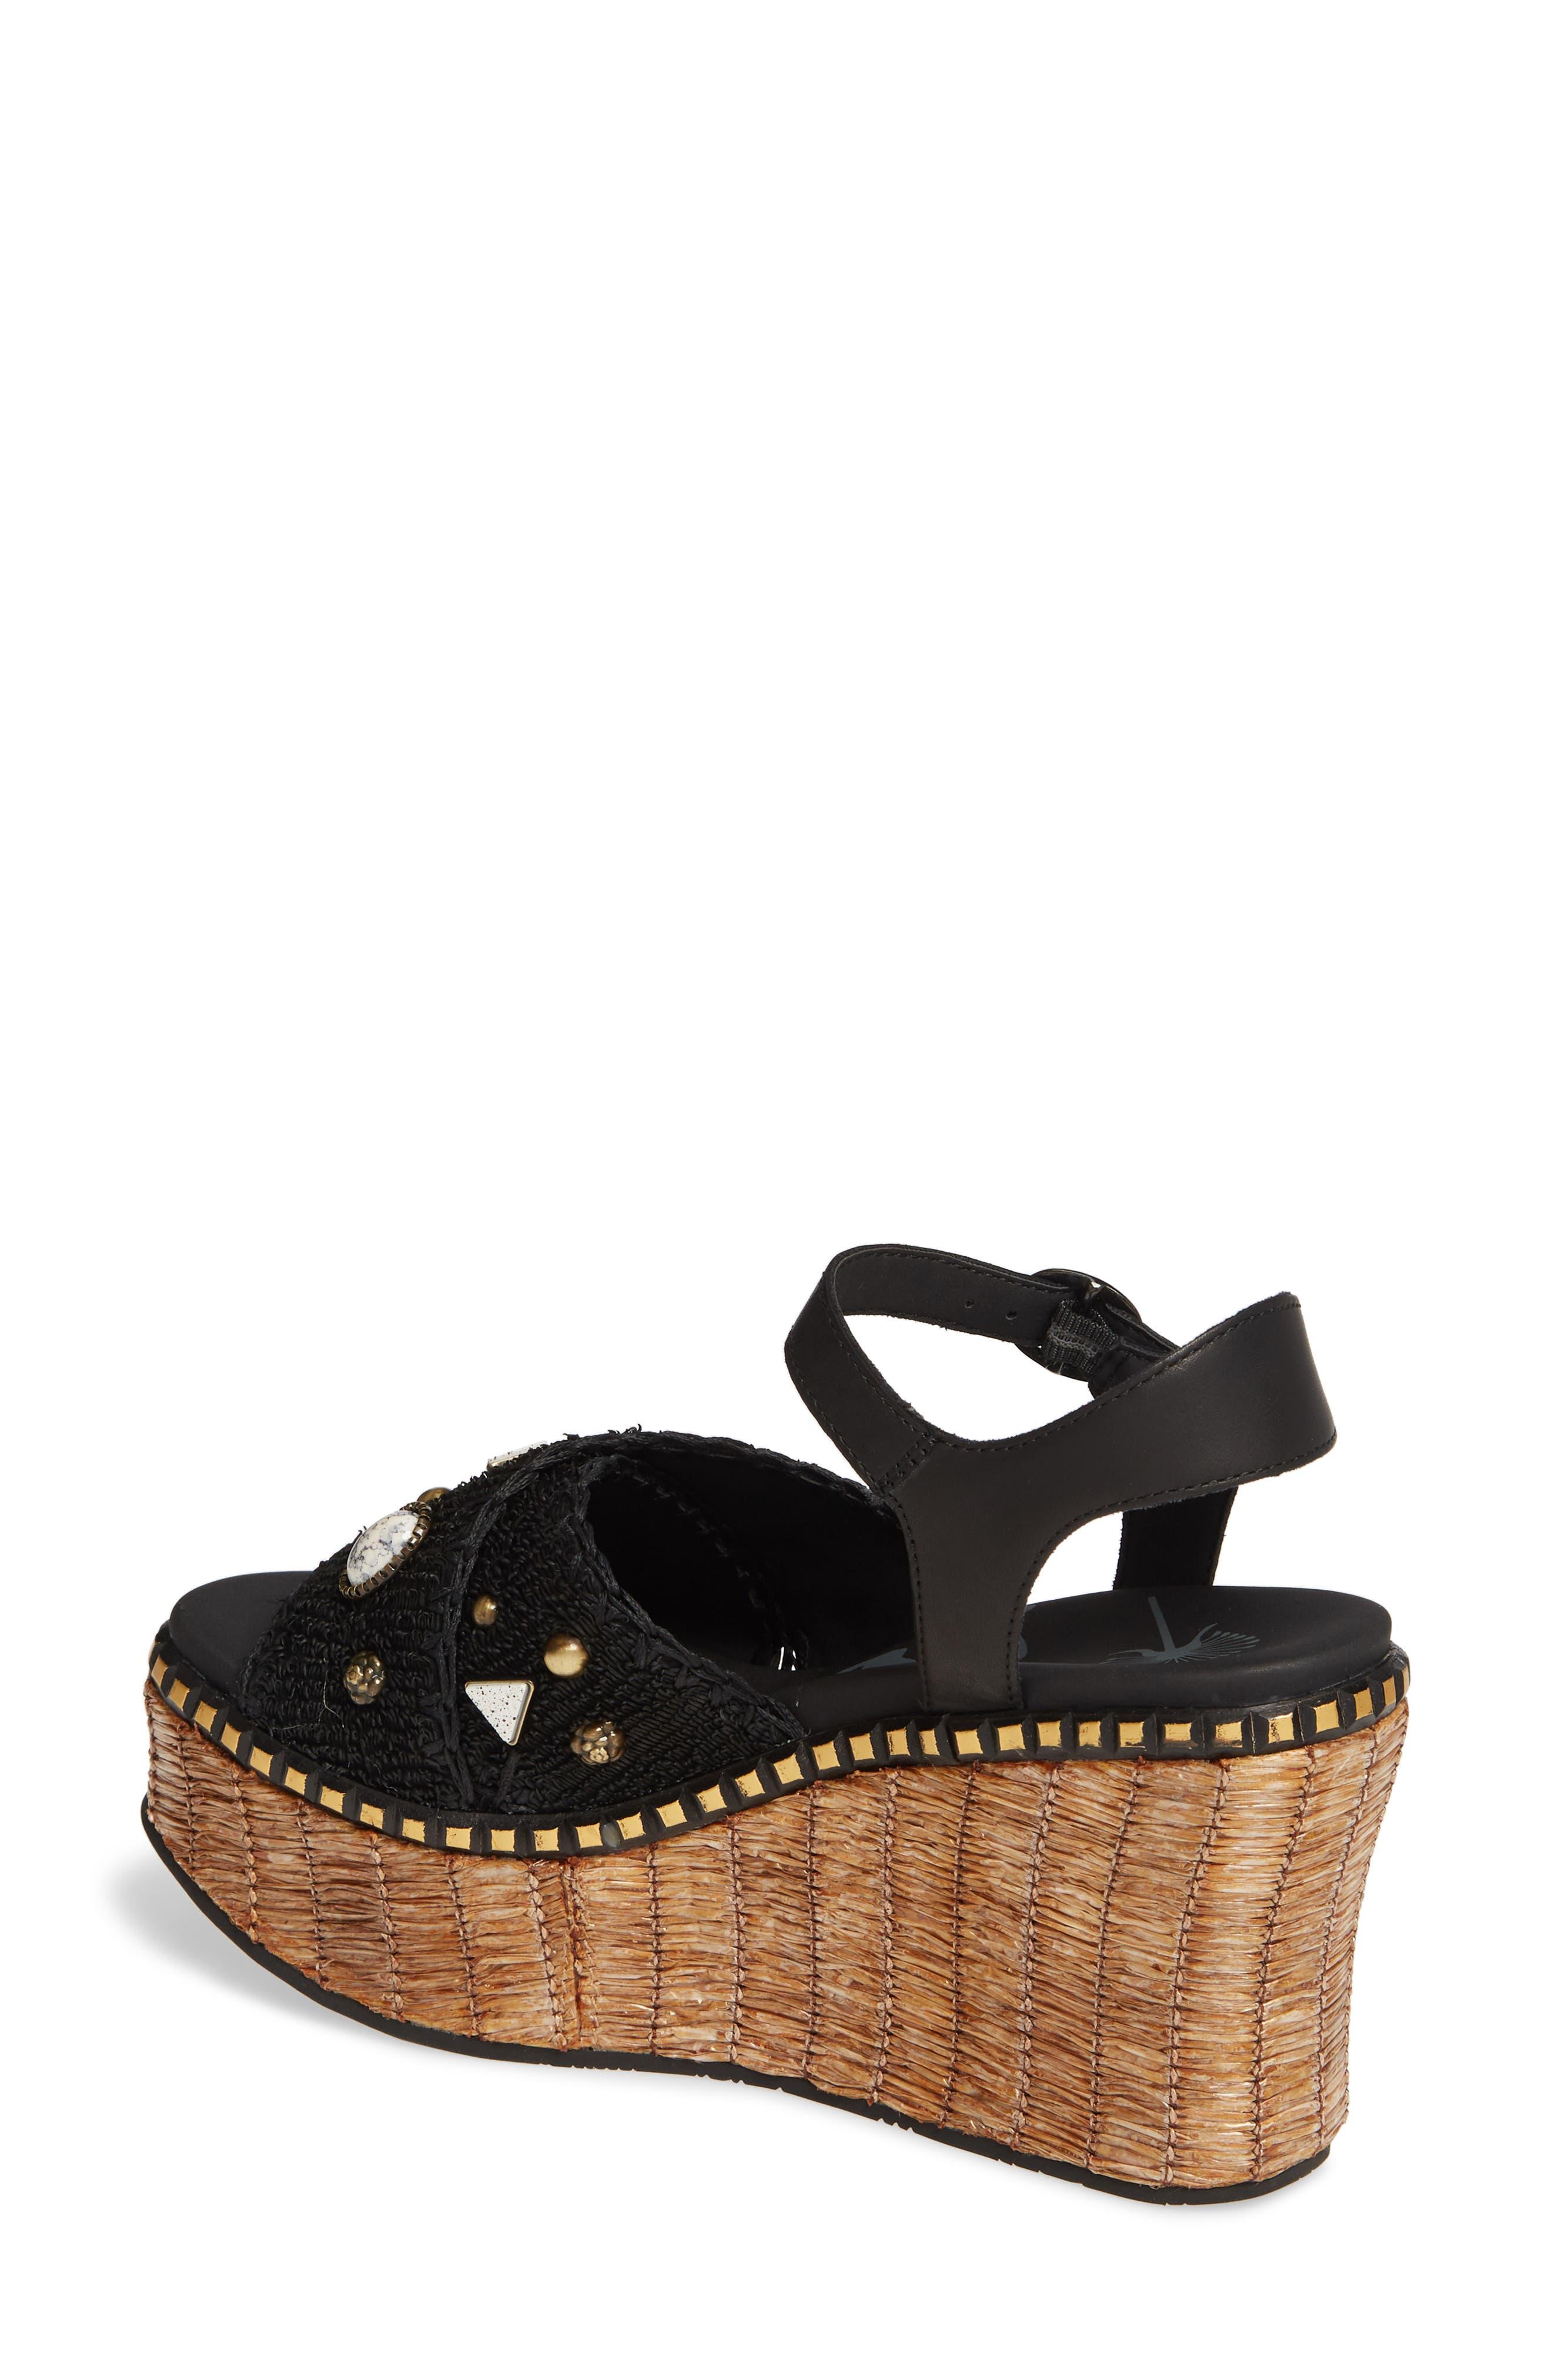 Cahoot Embellished Platform Wedge Sandal,                             Alternate thumbnail 2, color,                             BLACK LEATHER